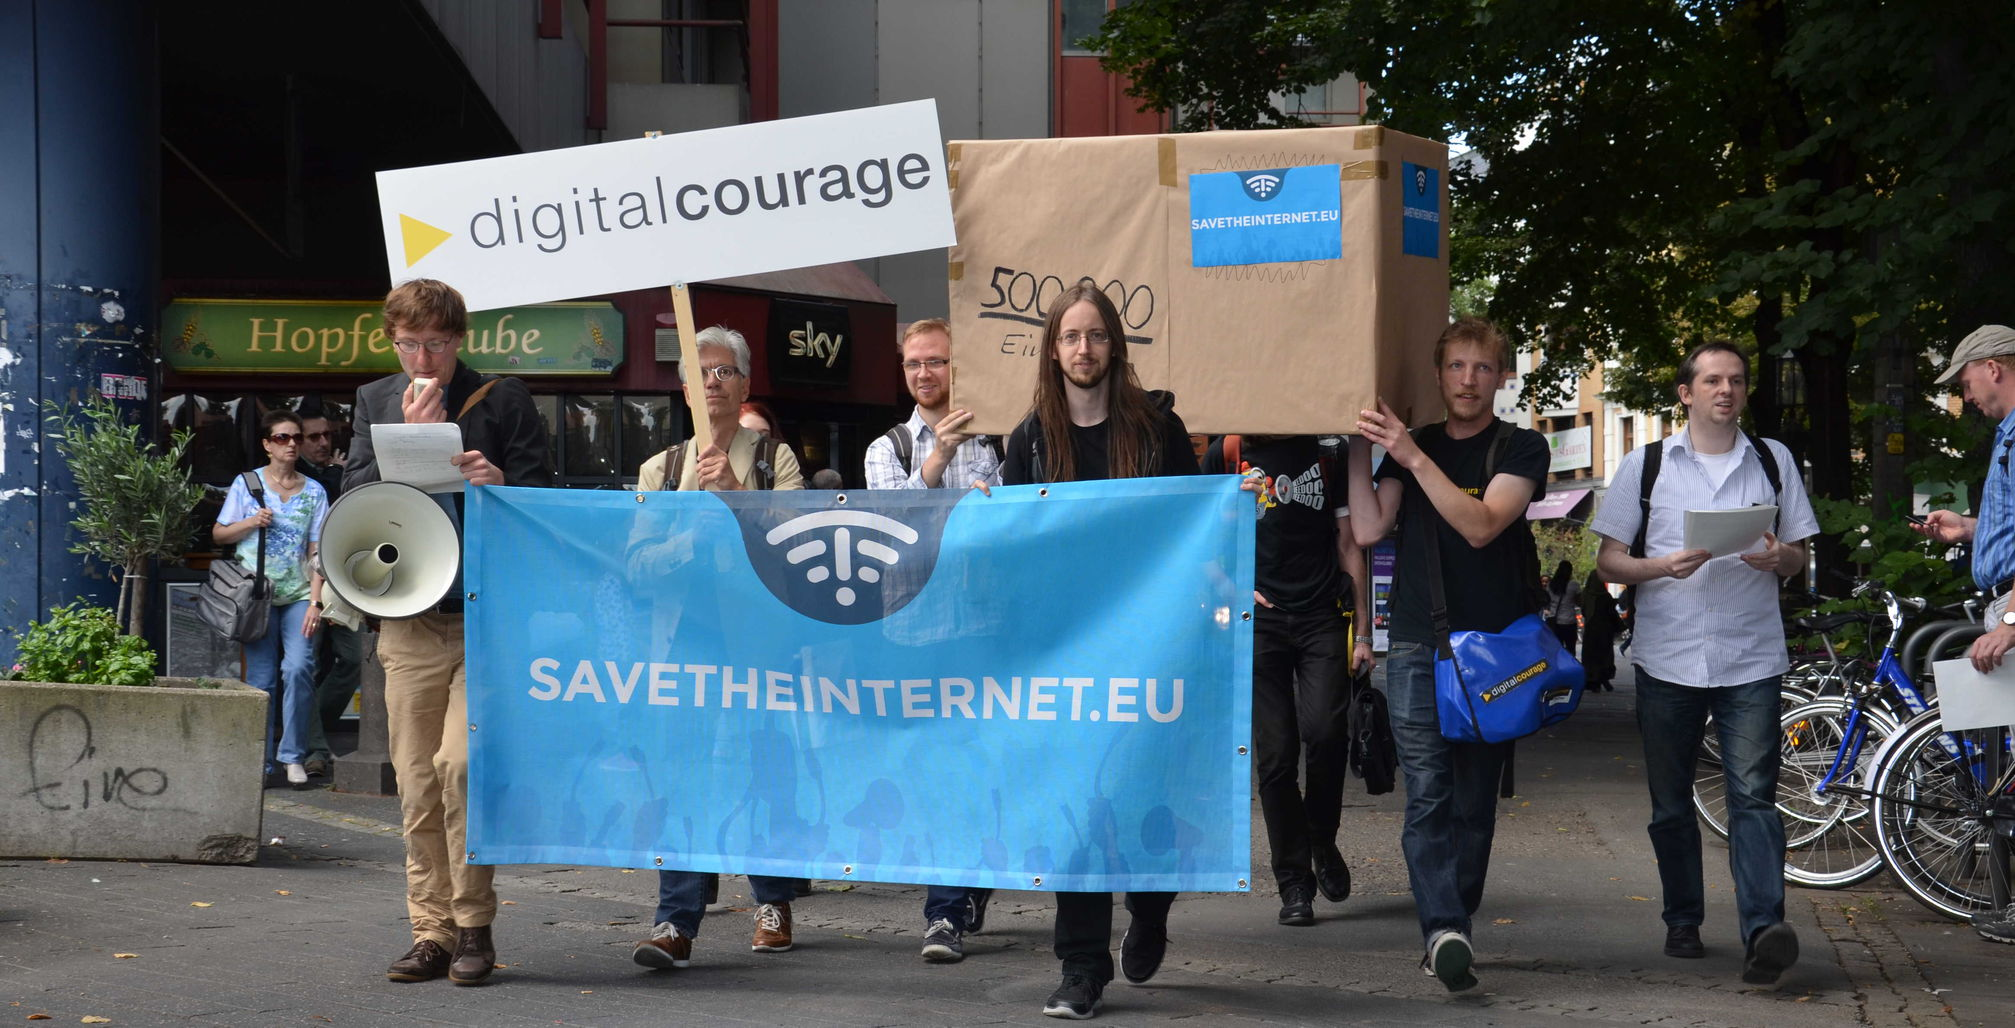 das Banner sagt: www.savetheinternet.eu/de